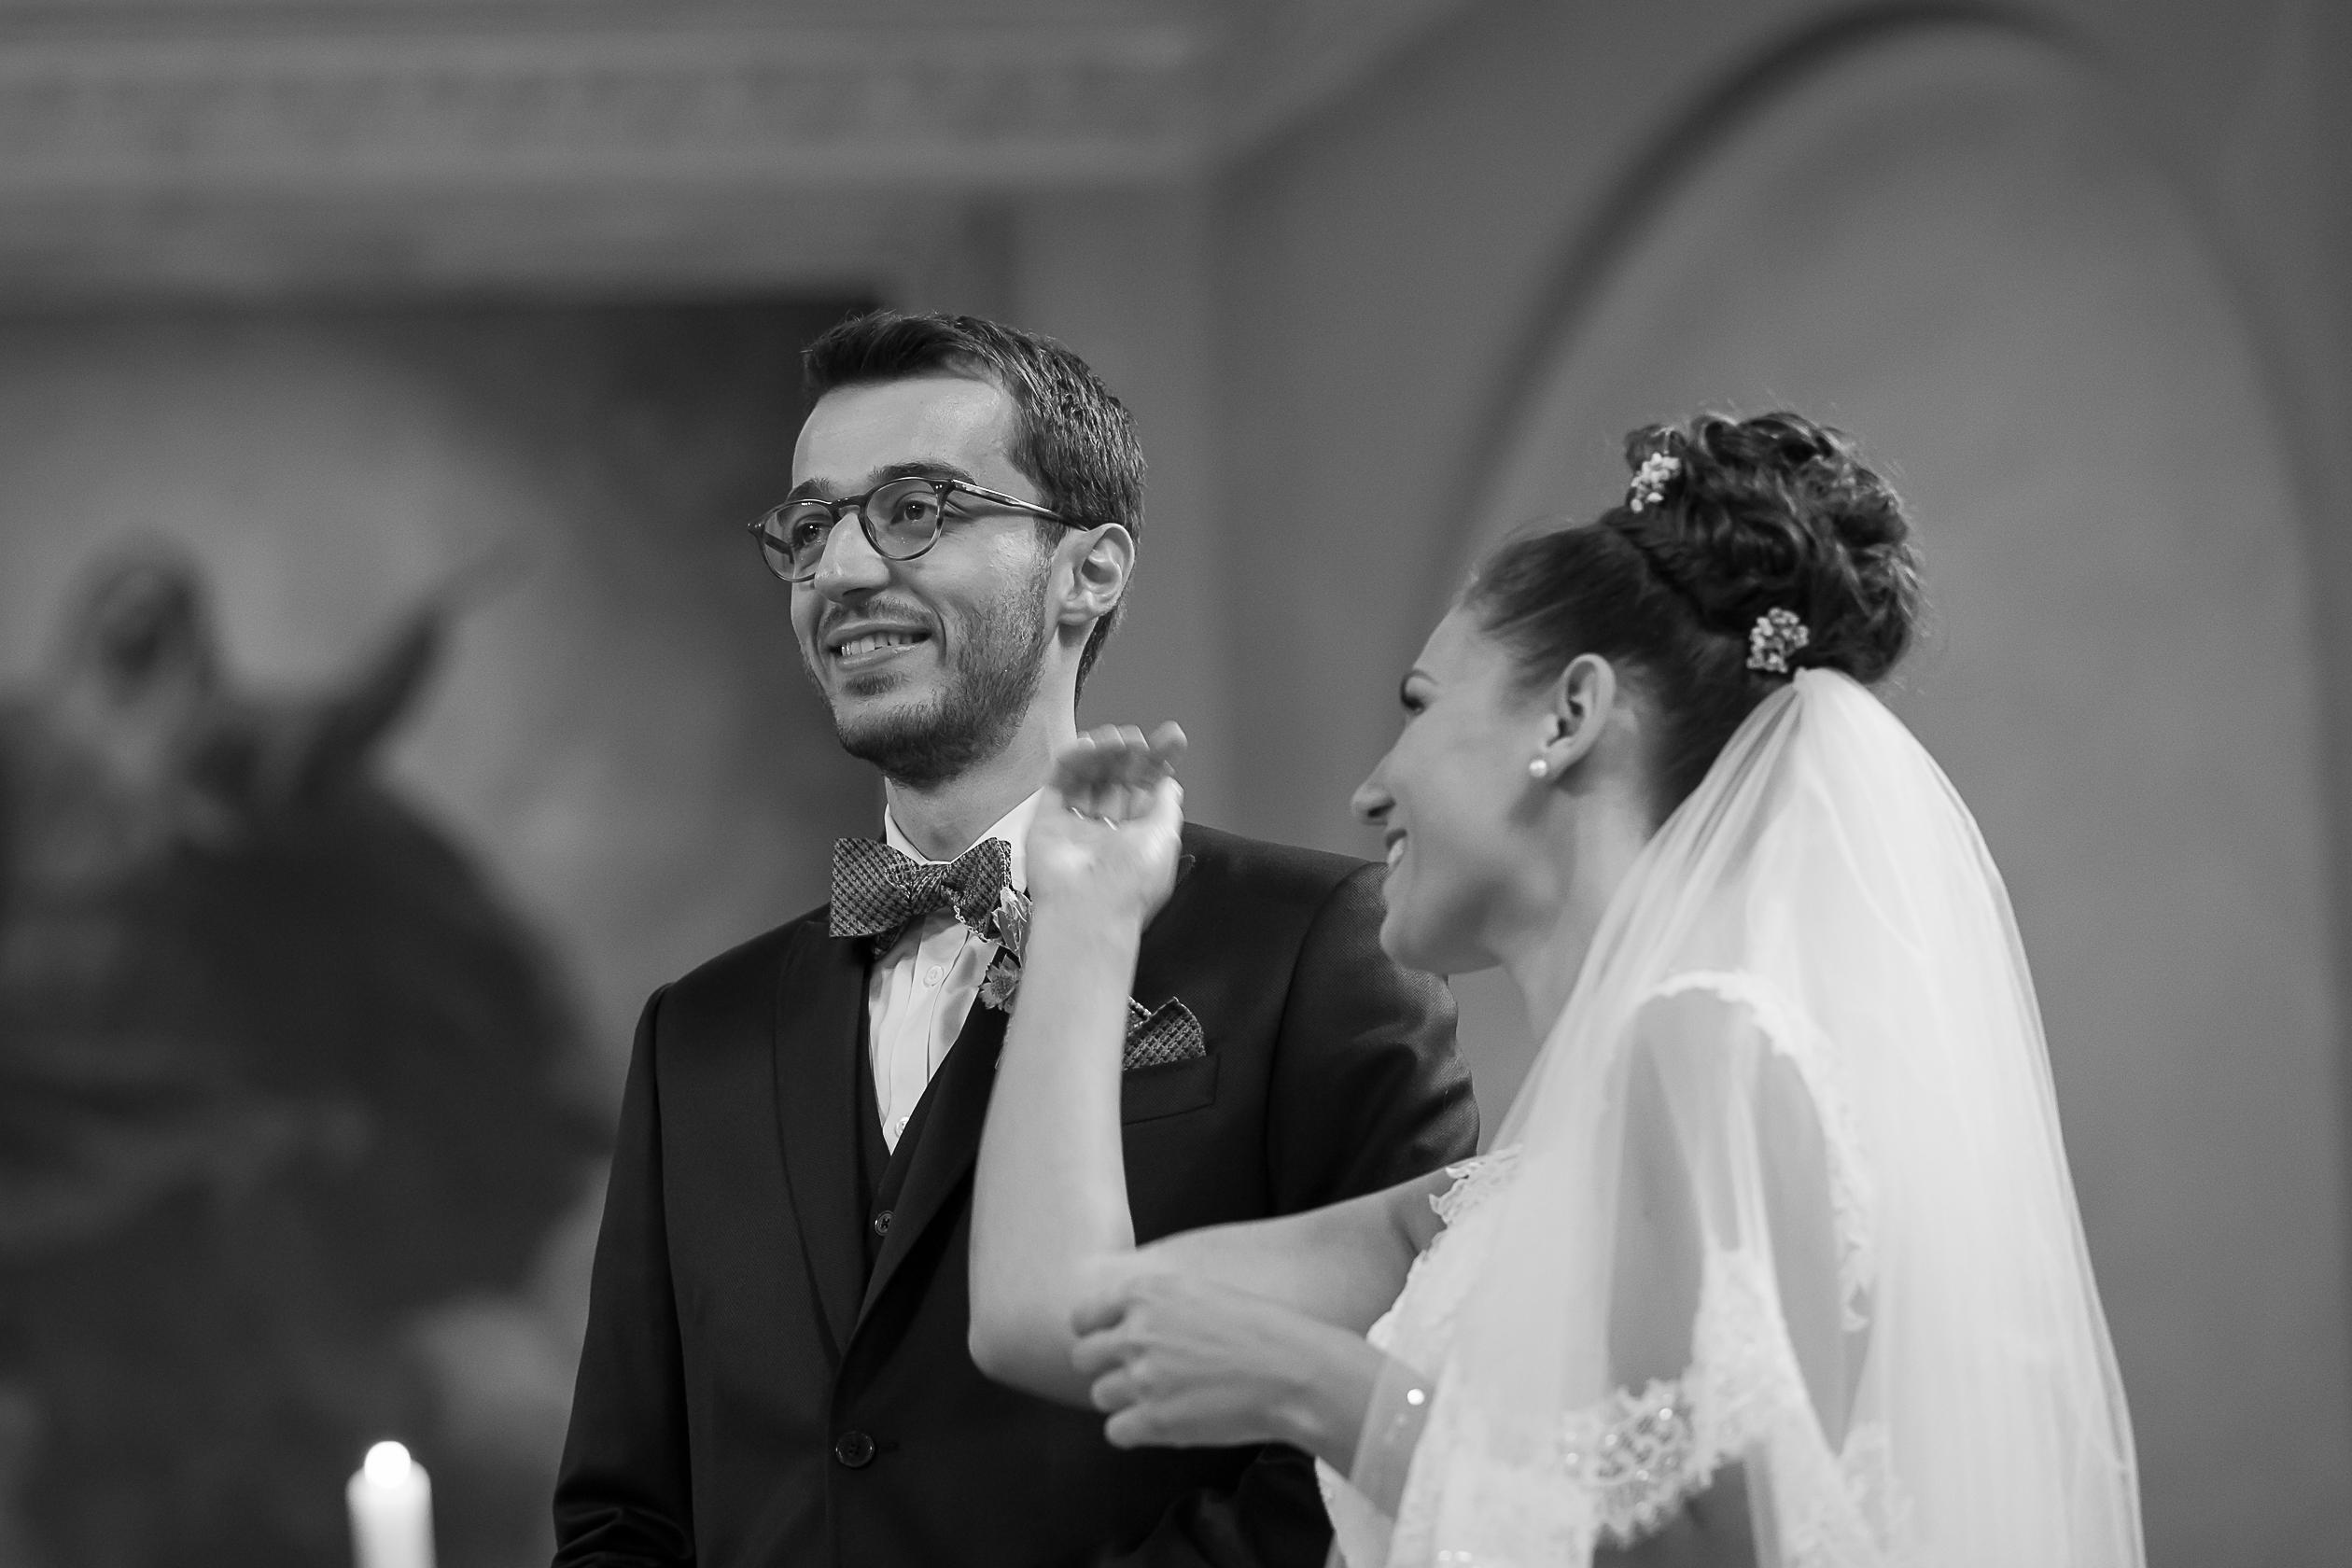 la cérémonie et son lot d'émotion, mariage dans l'église d'Altkirch